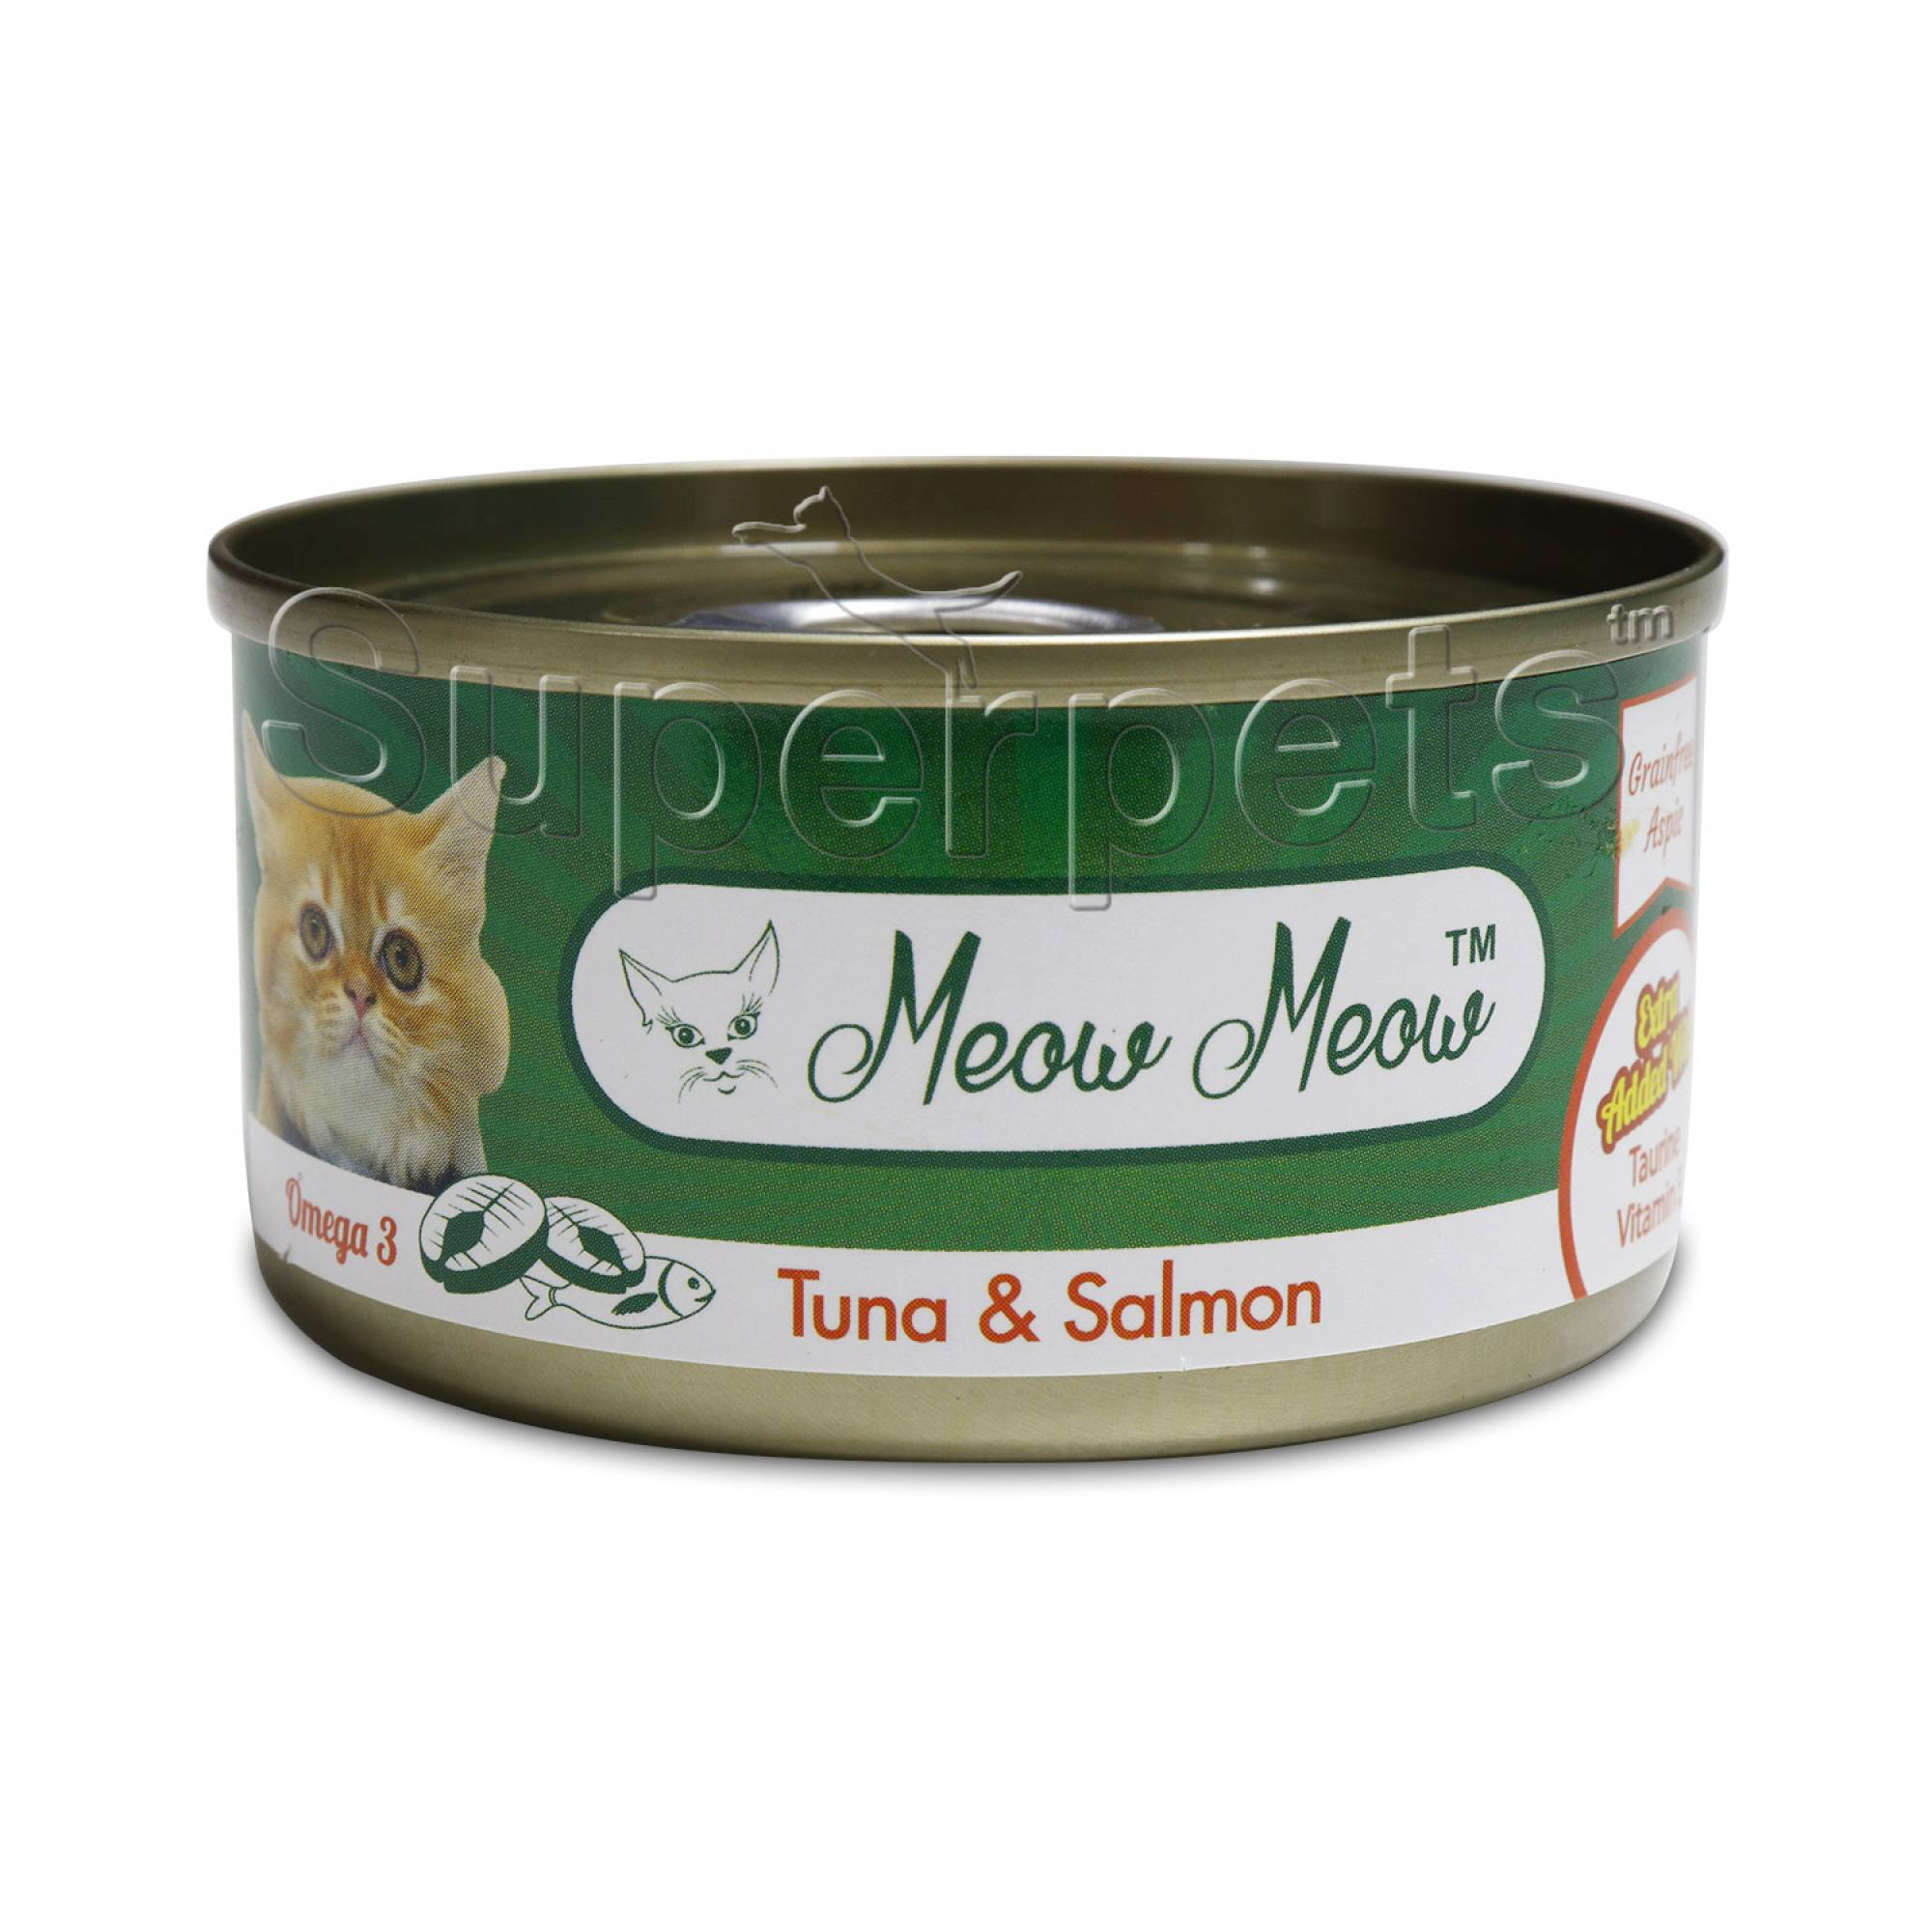 Meow Meow - Tuna & Salmon - Grain Free 80g x 24pcs (1 carton)